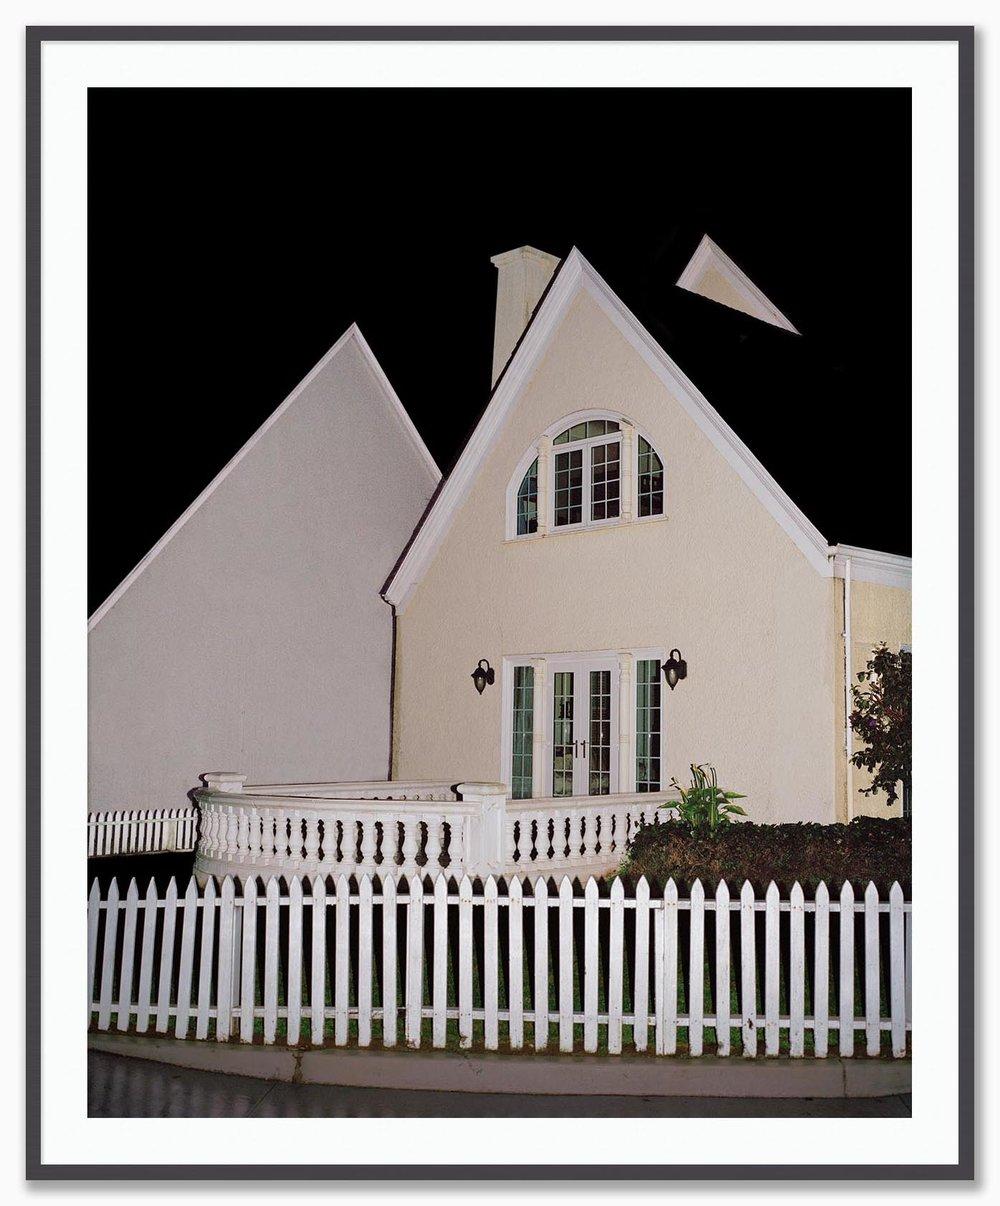 twohouses_Mat_Dusk.jpg